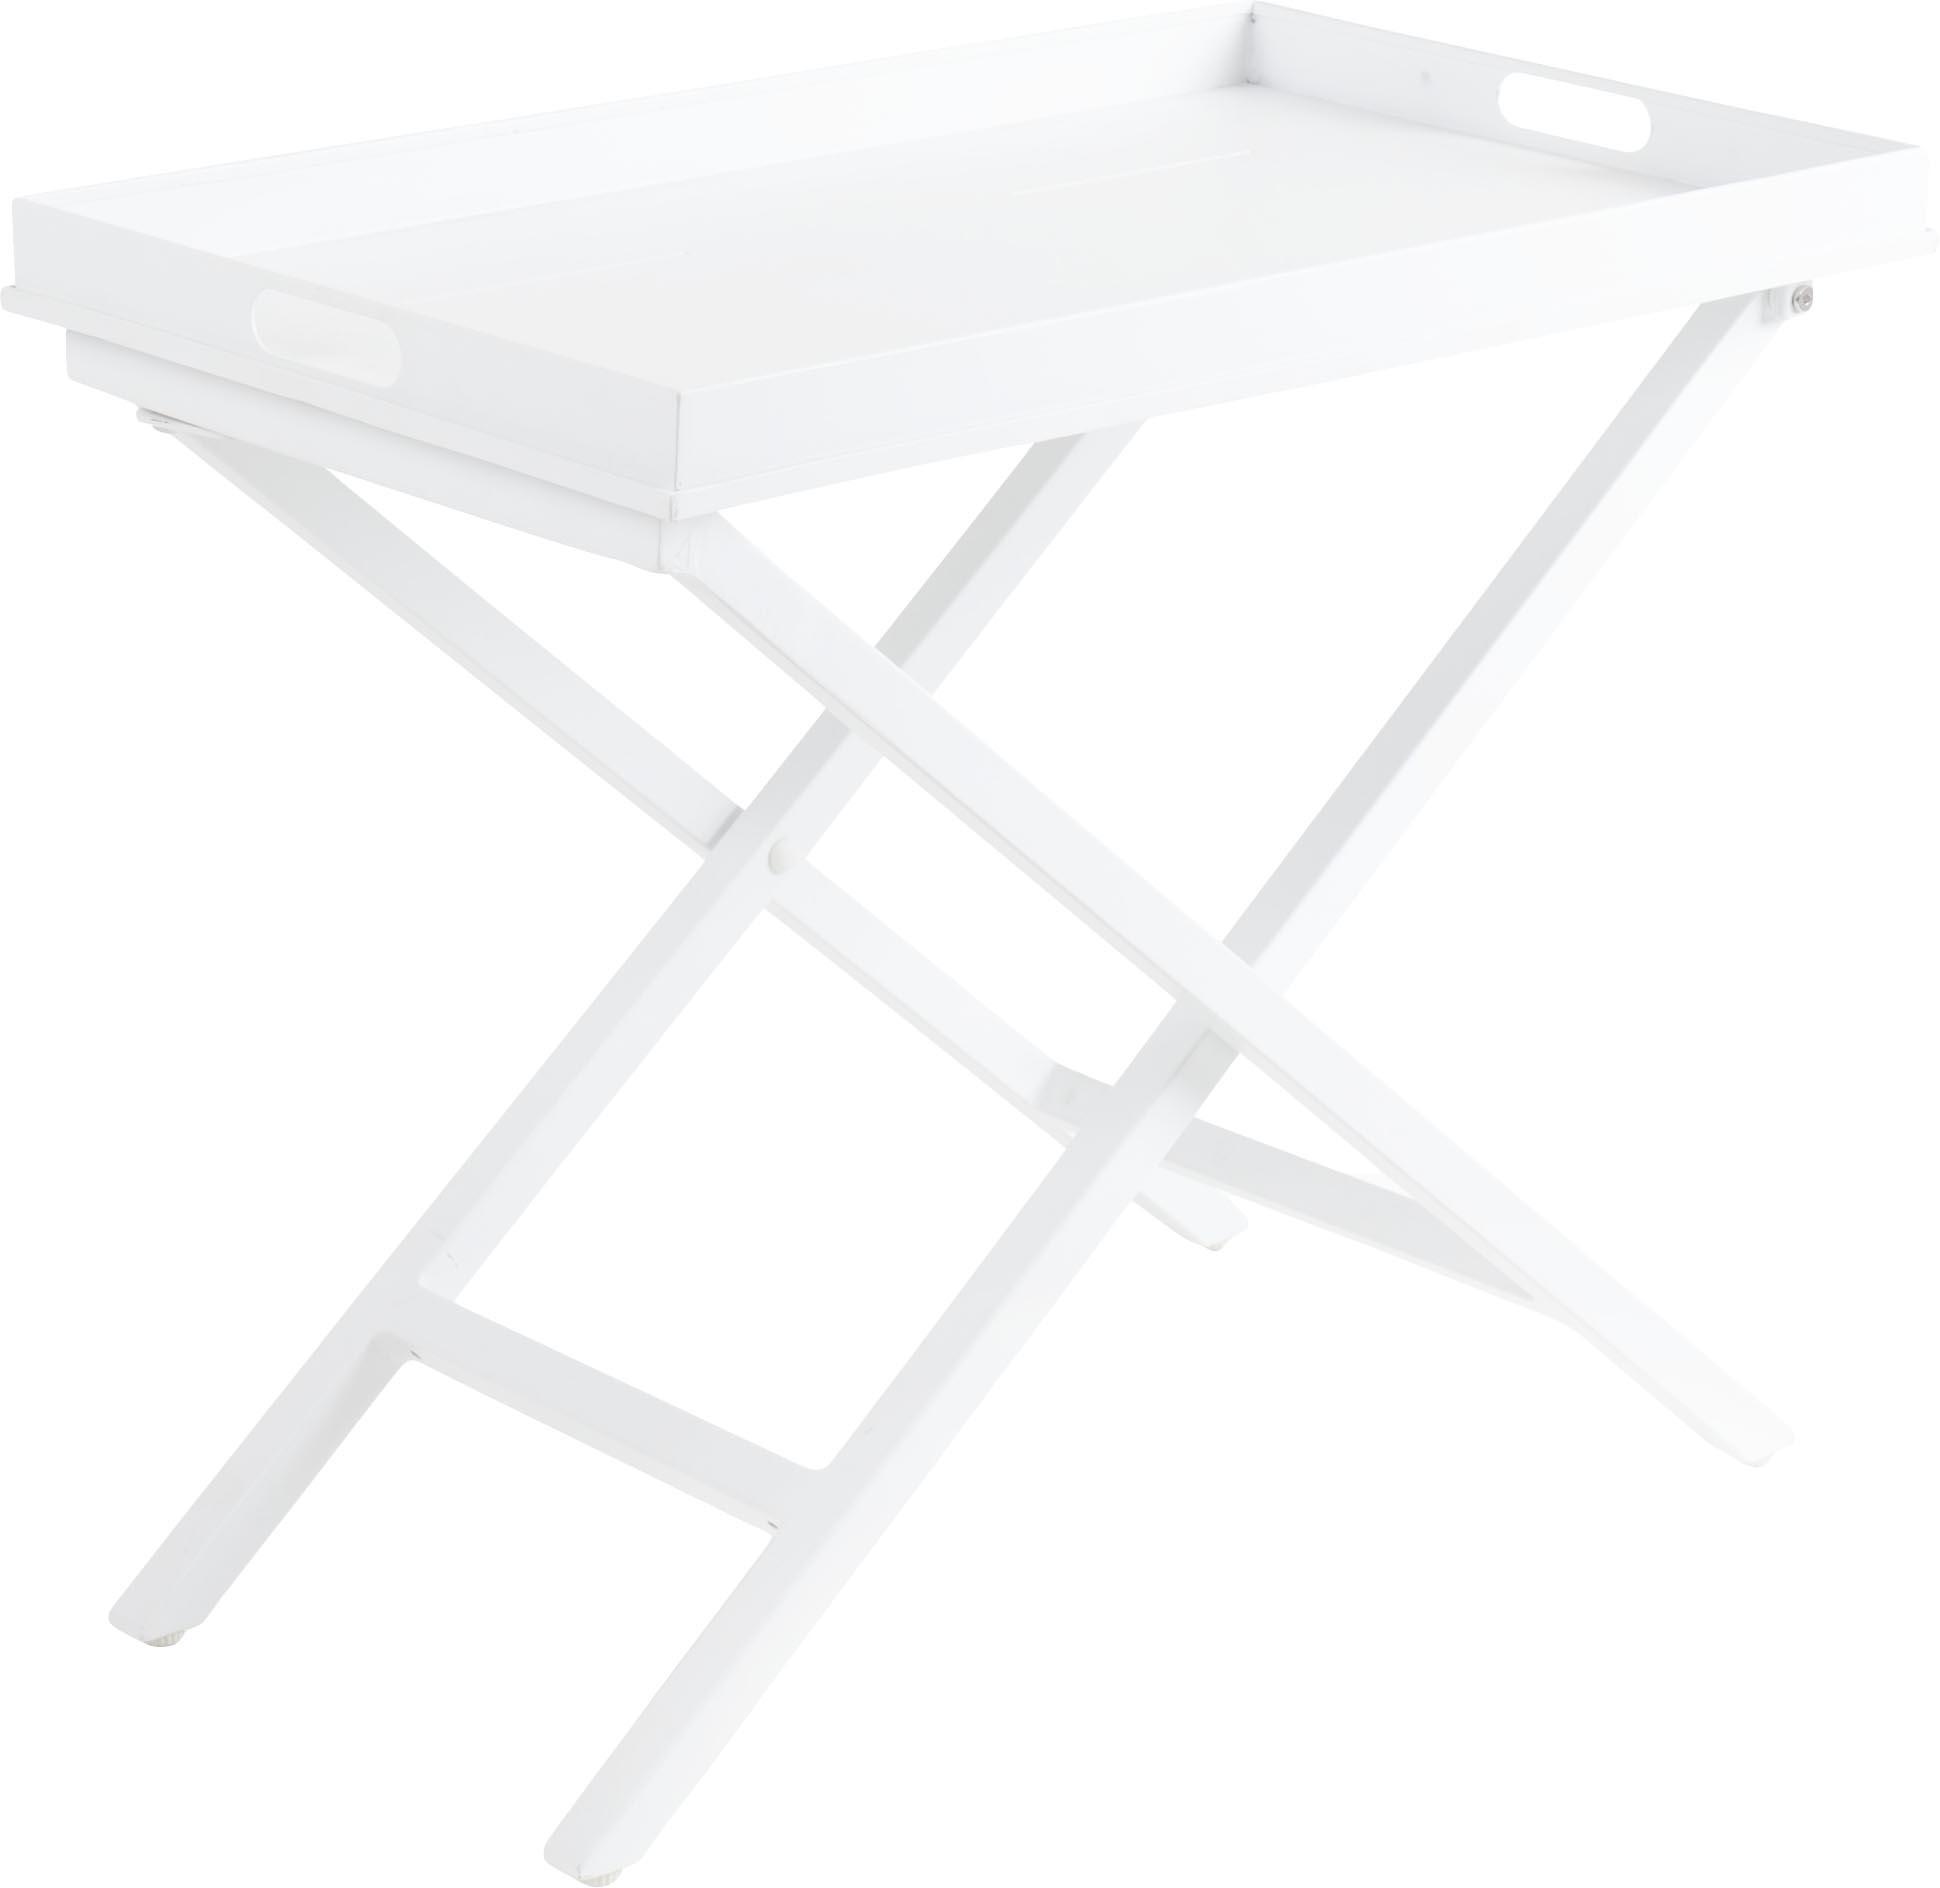 Tabletttisch Vero, Aluminium, beschichtet, Weiß, matt, 70 x 60 cm